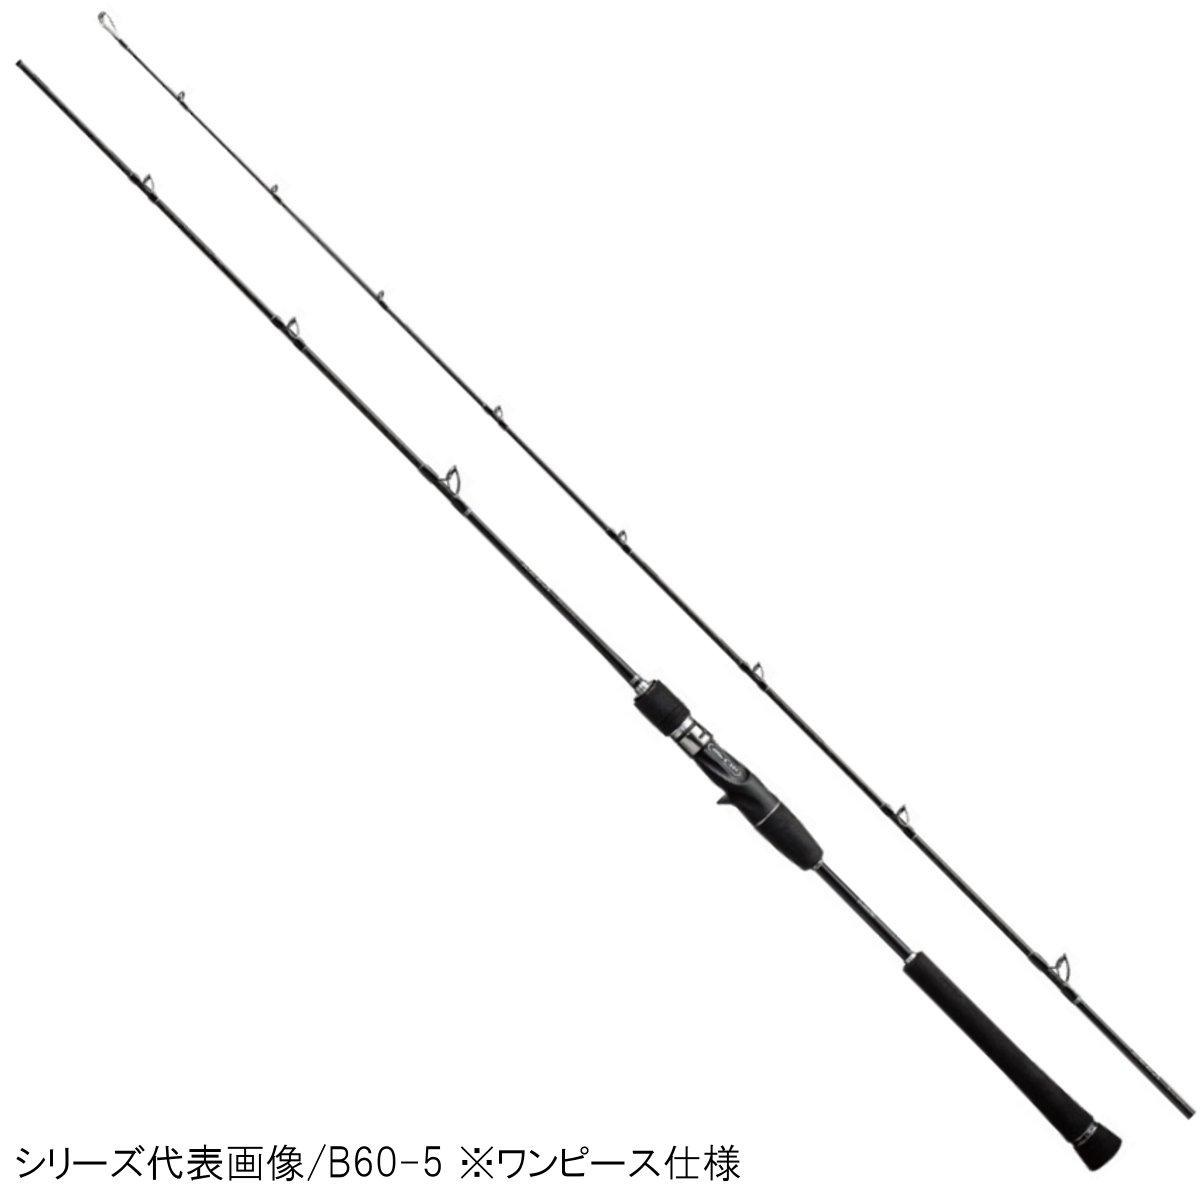 シマノ オシアジガー(ベイト) B60-3【大型商品】(東日本店)